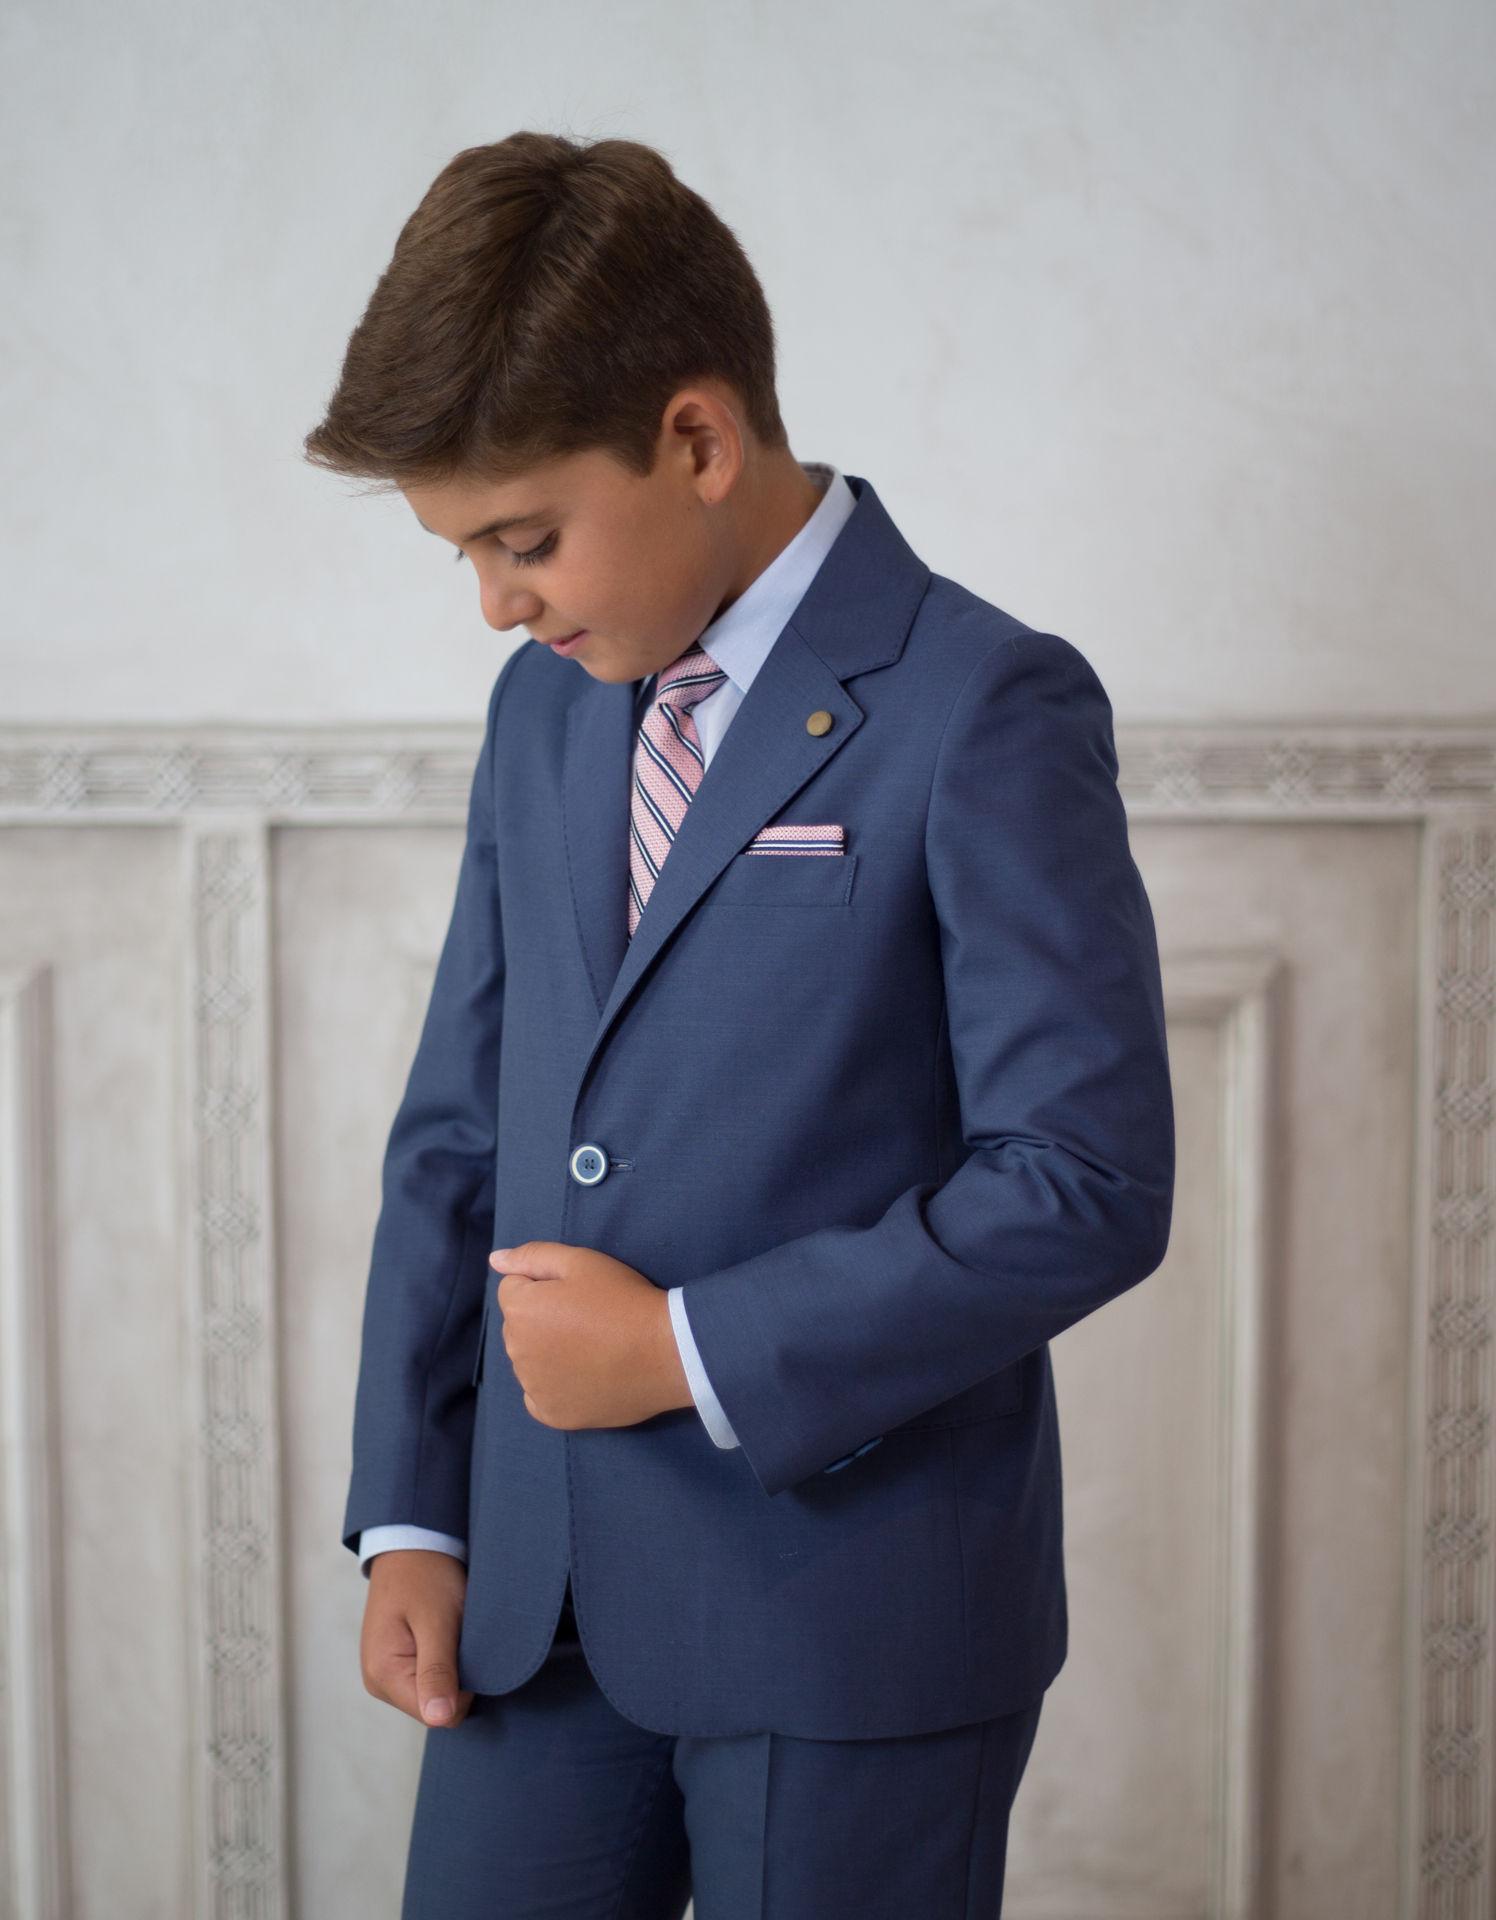 los mejores precios oficial descuento Trajes de Comunión para niño 2019 - Boutique María Jesús